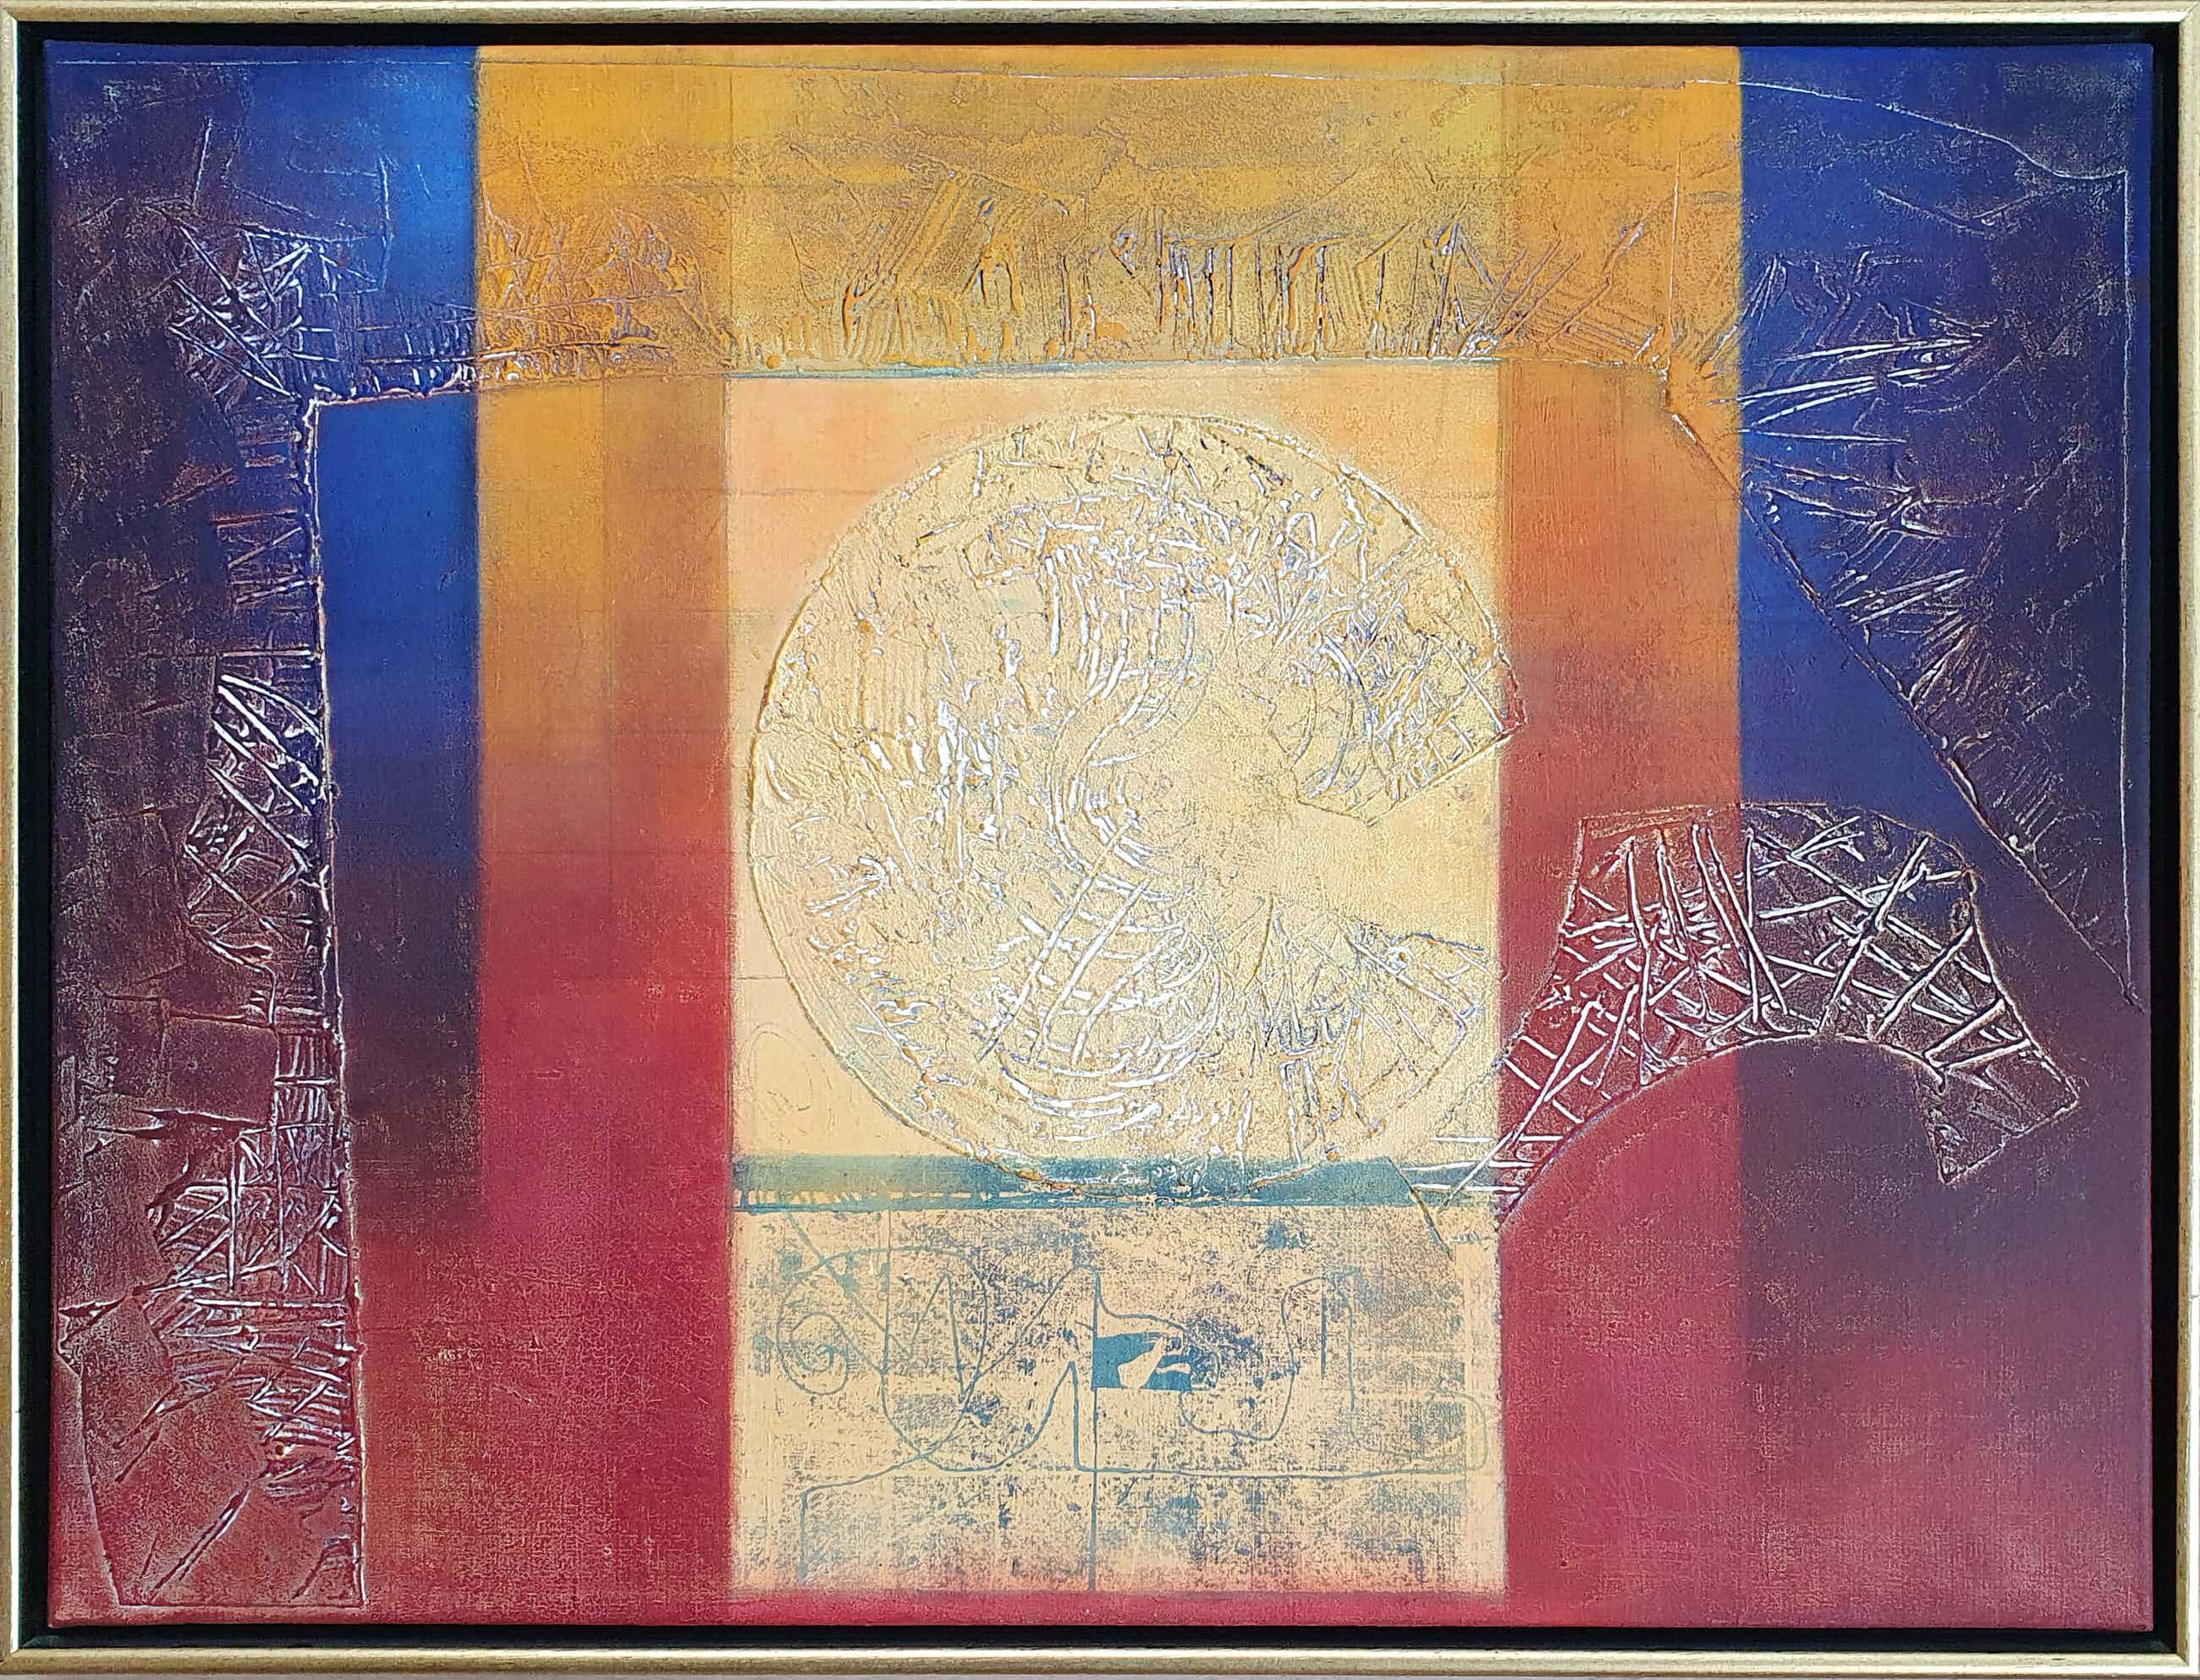 Bert Grotjohann - Abstracte compositie met gouden zon (Ingelijst) kopen? Bied vanaf 150!